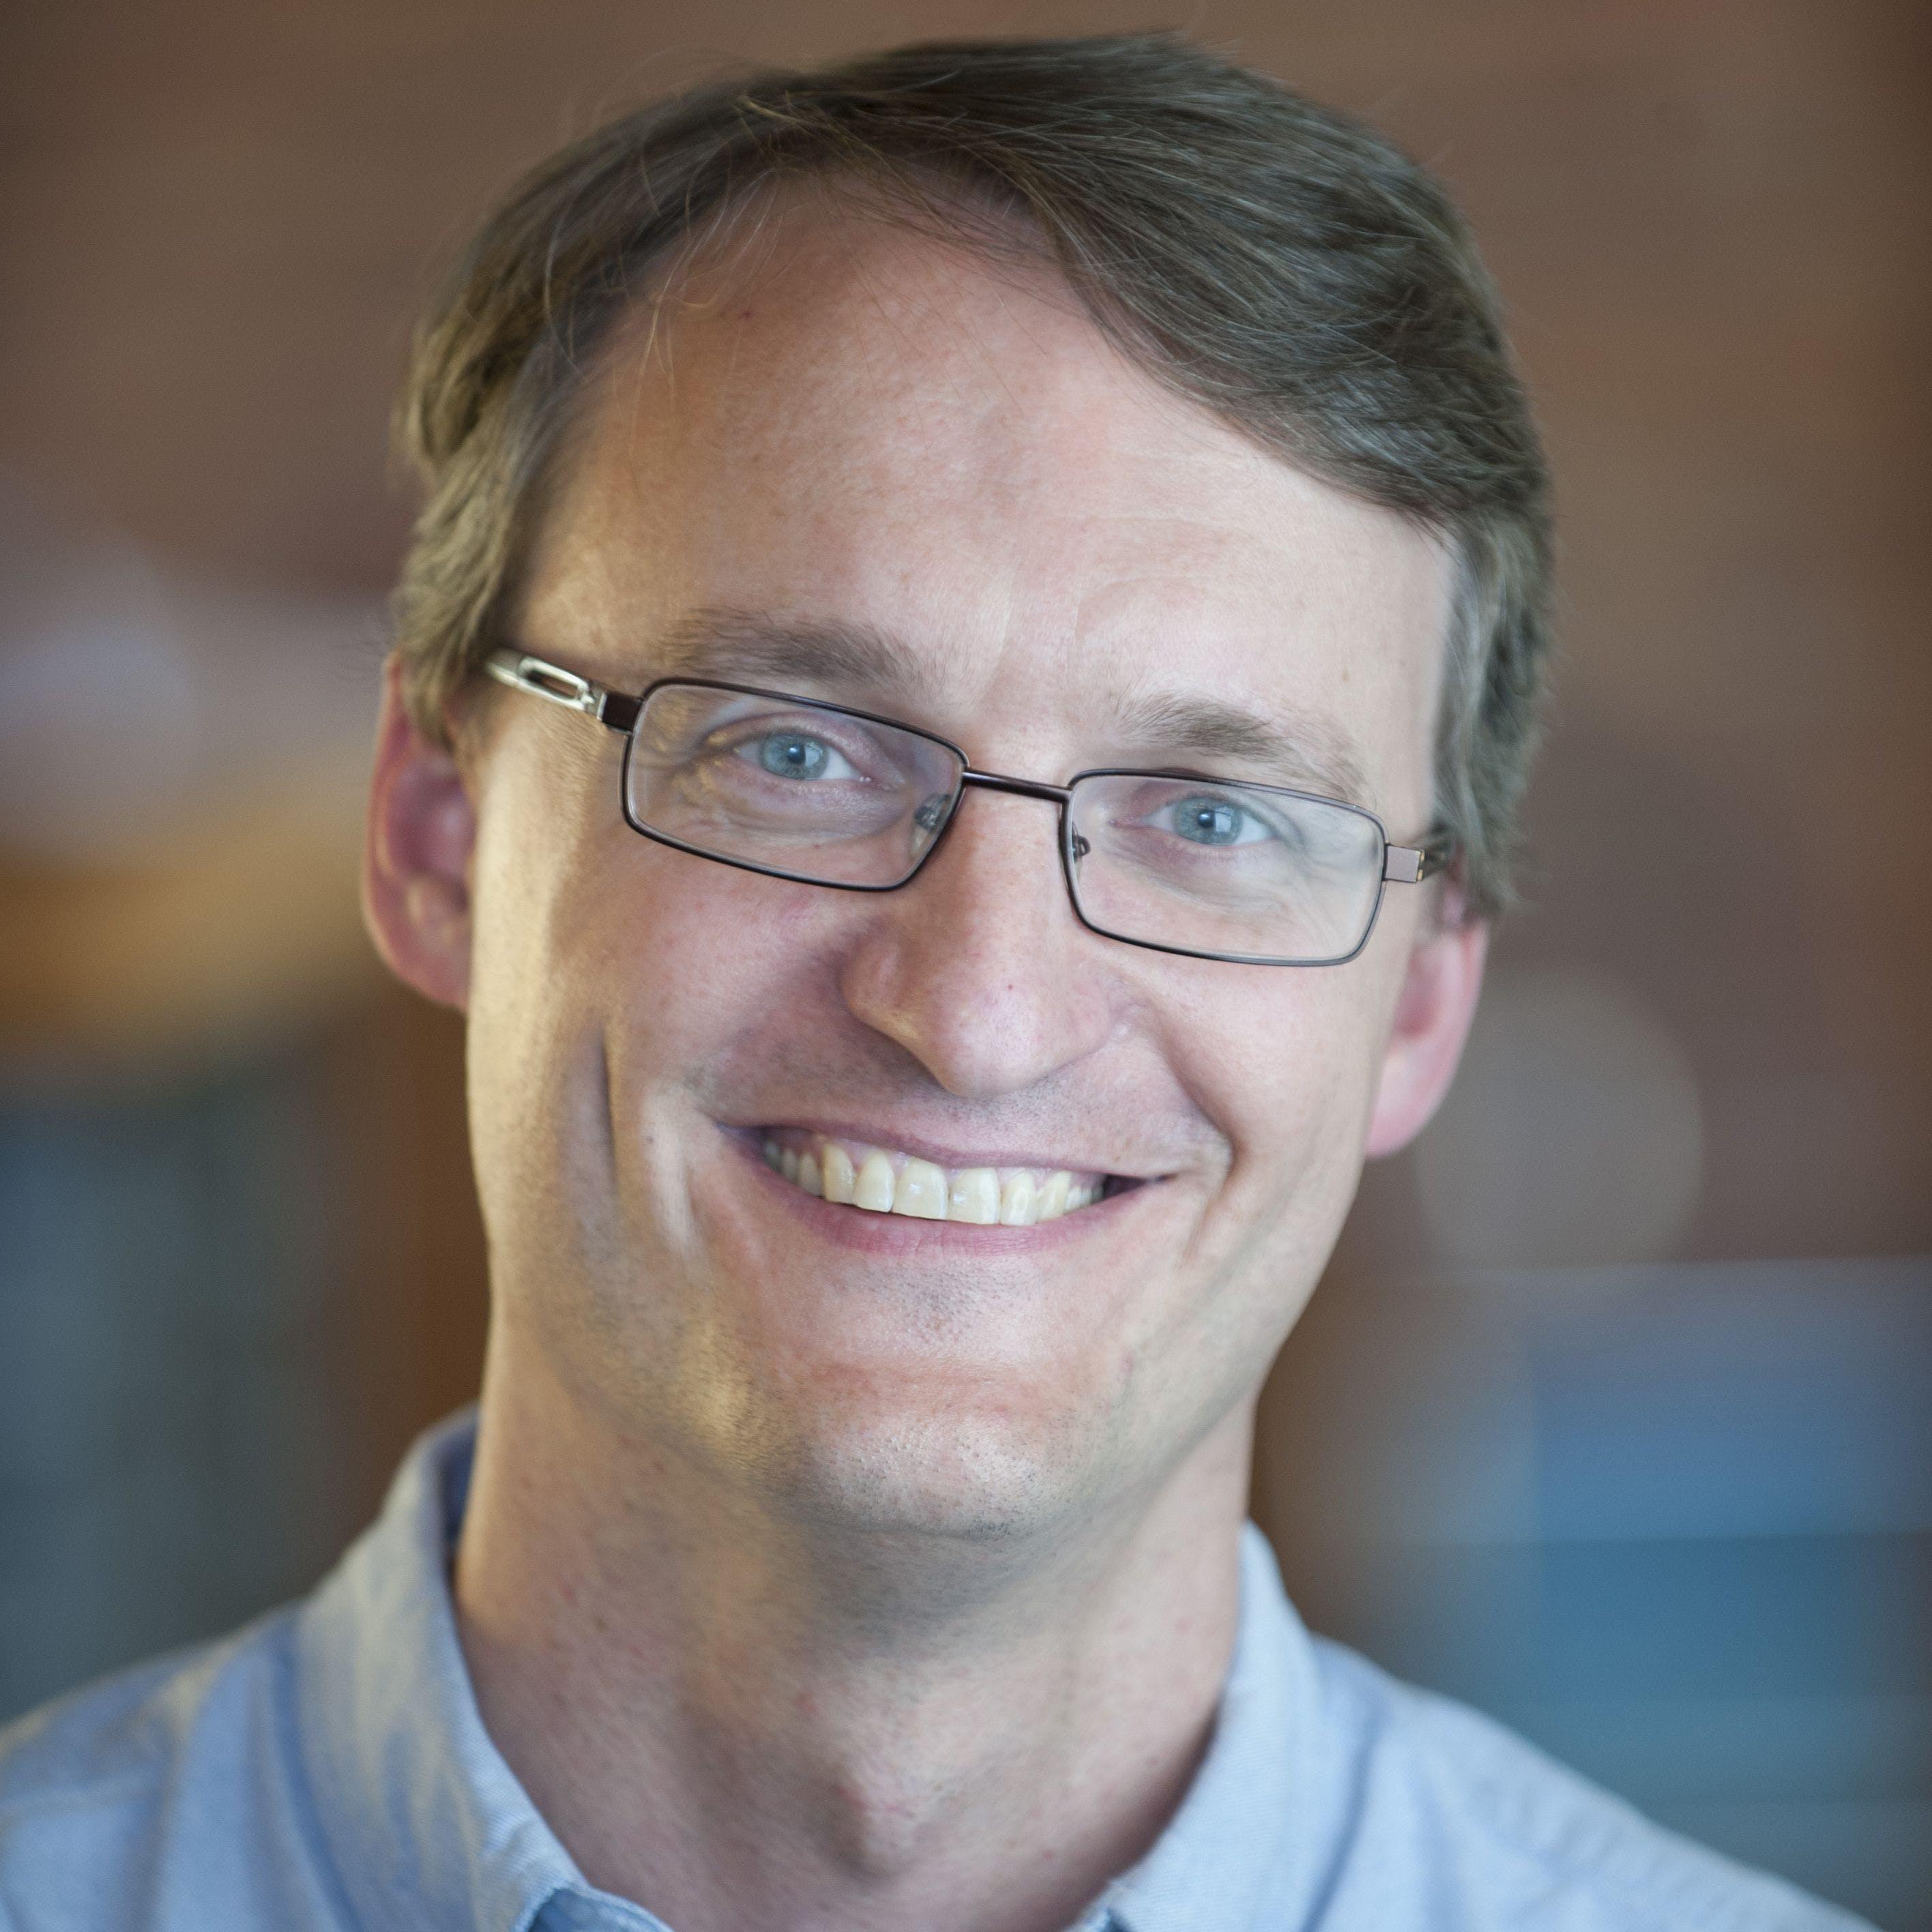 Chris Gehrz